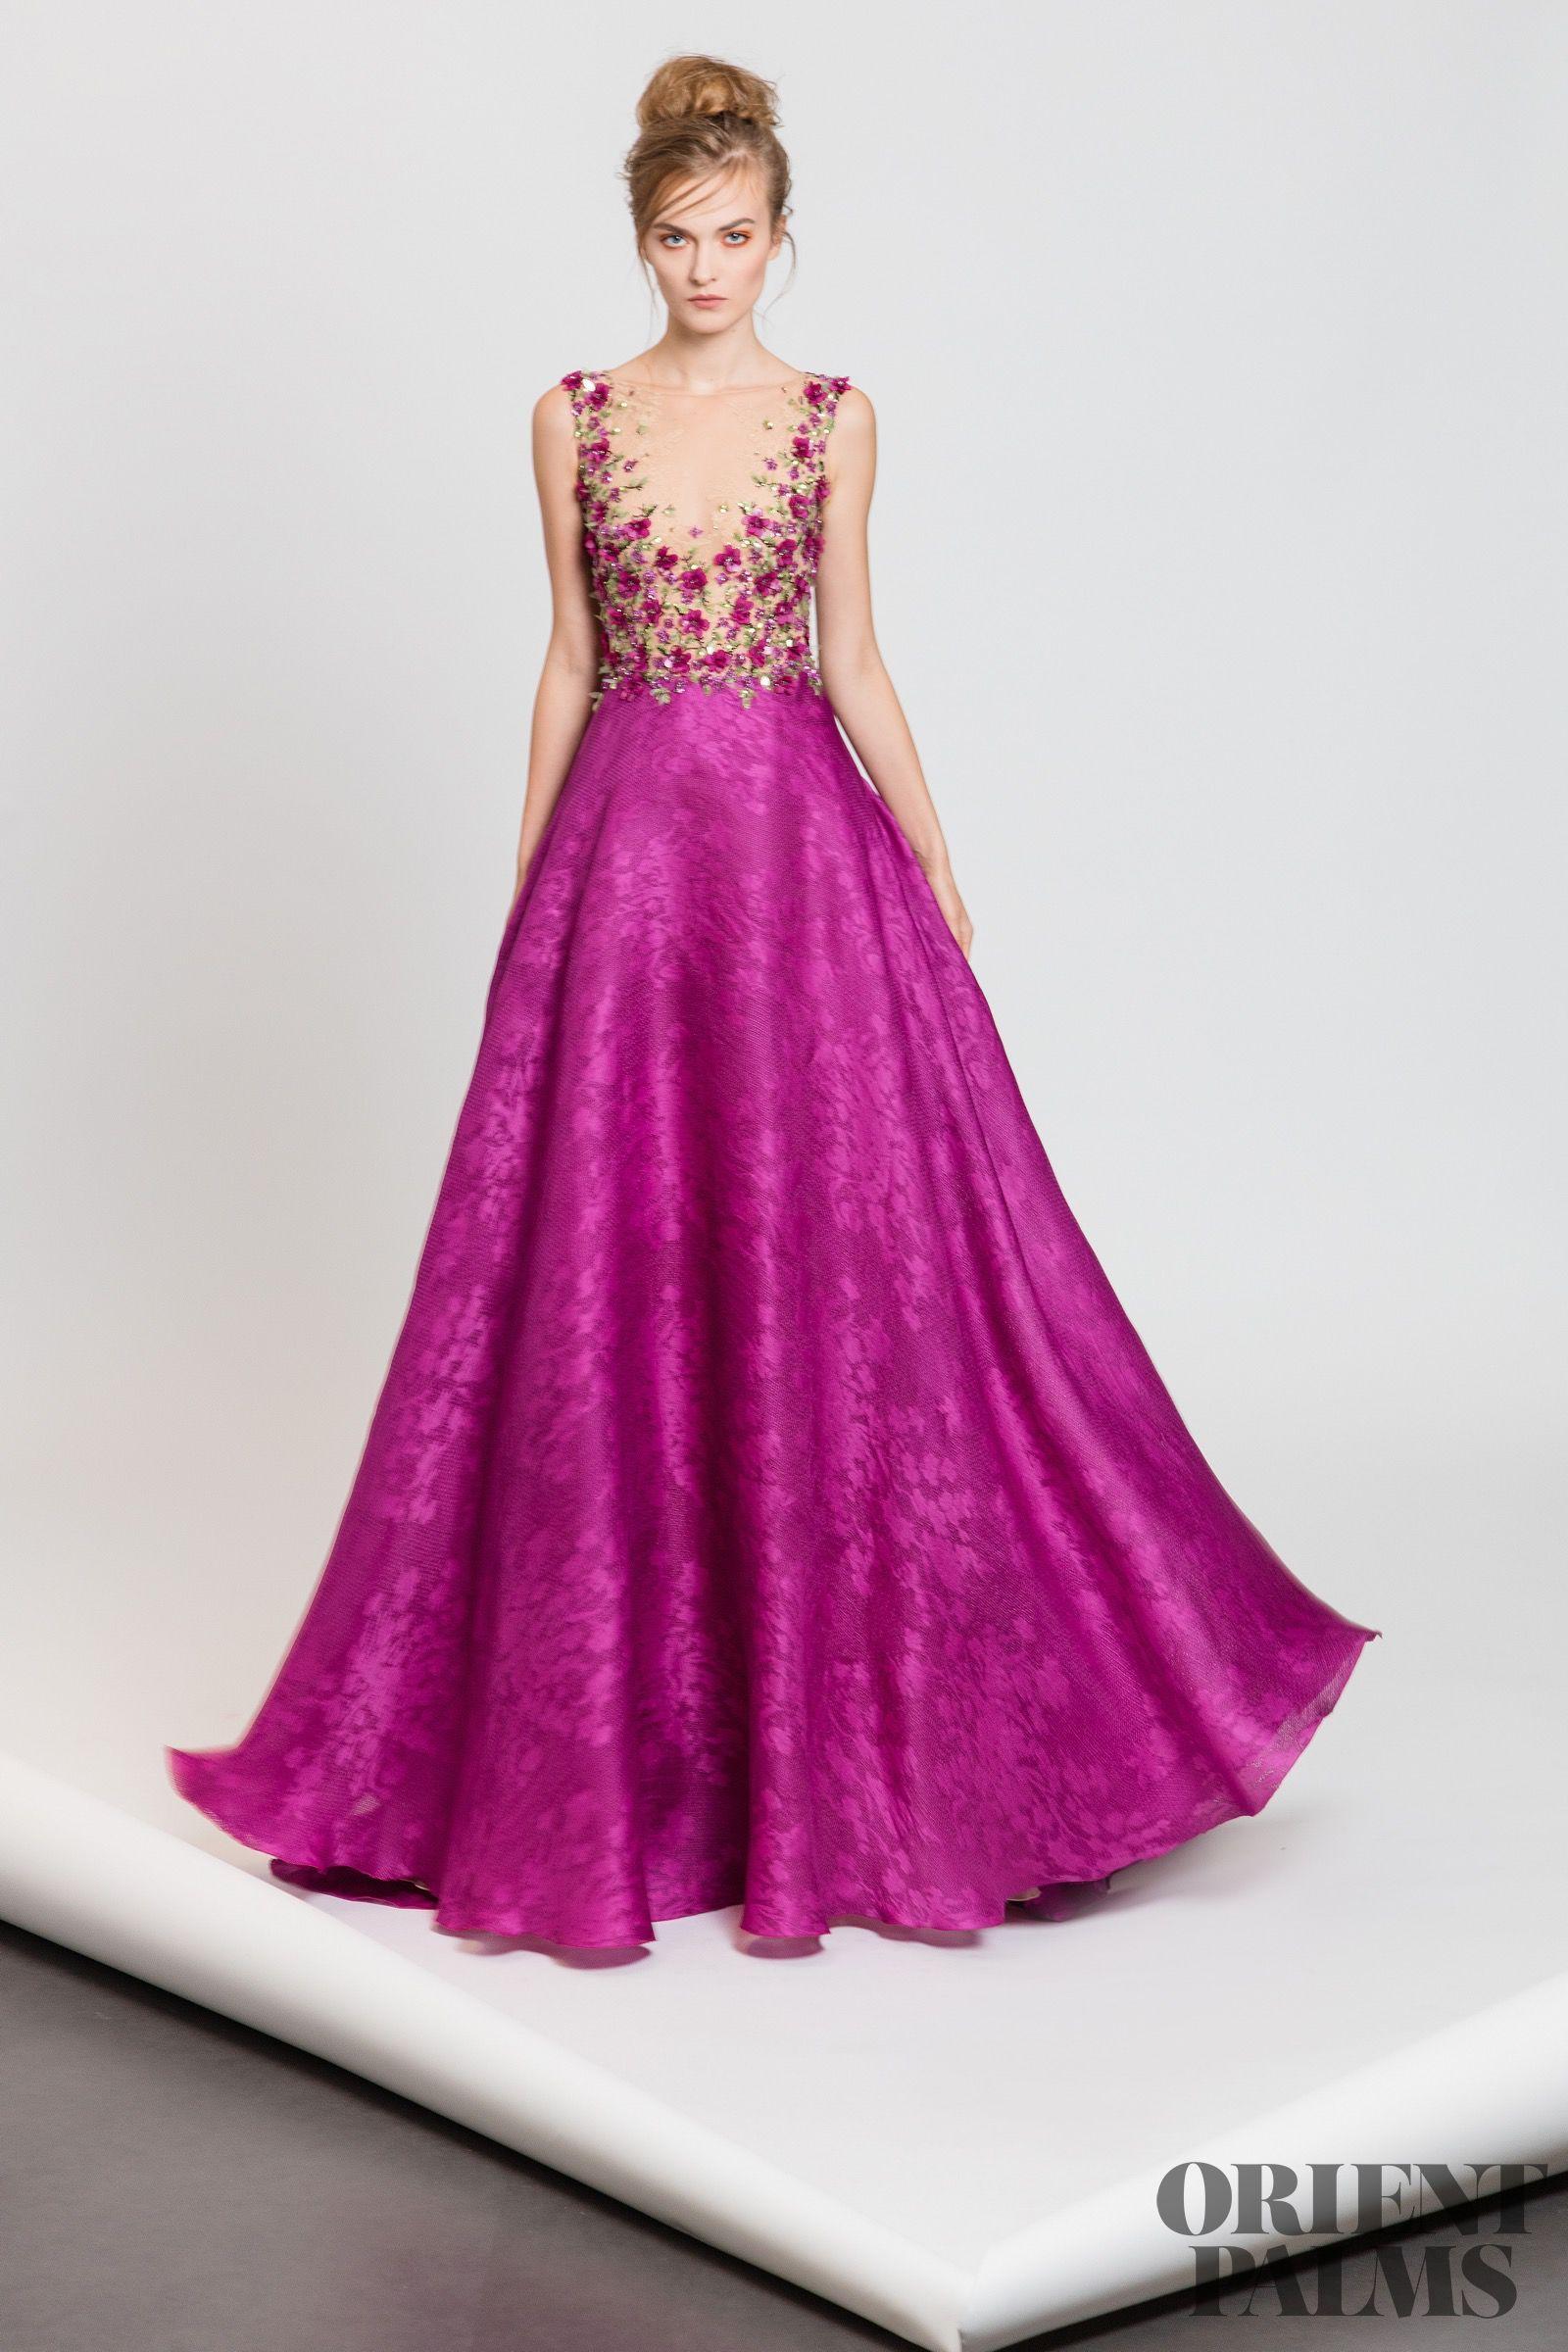 Bonito Vestidos De Novia En Laredo Tx Composición - Vestido de Novia ...